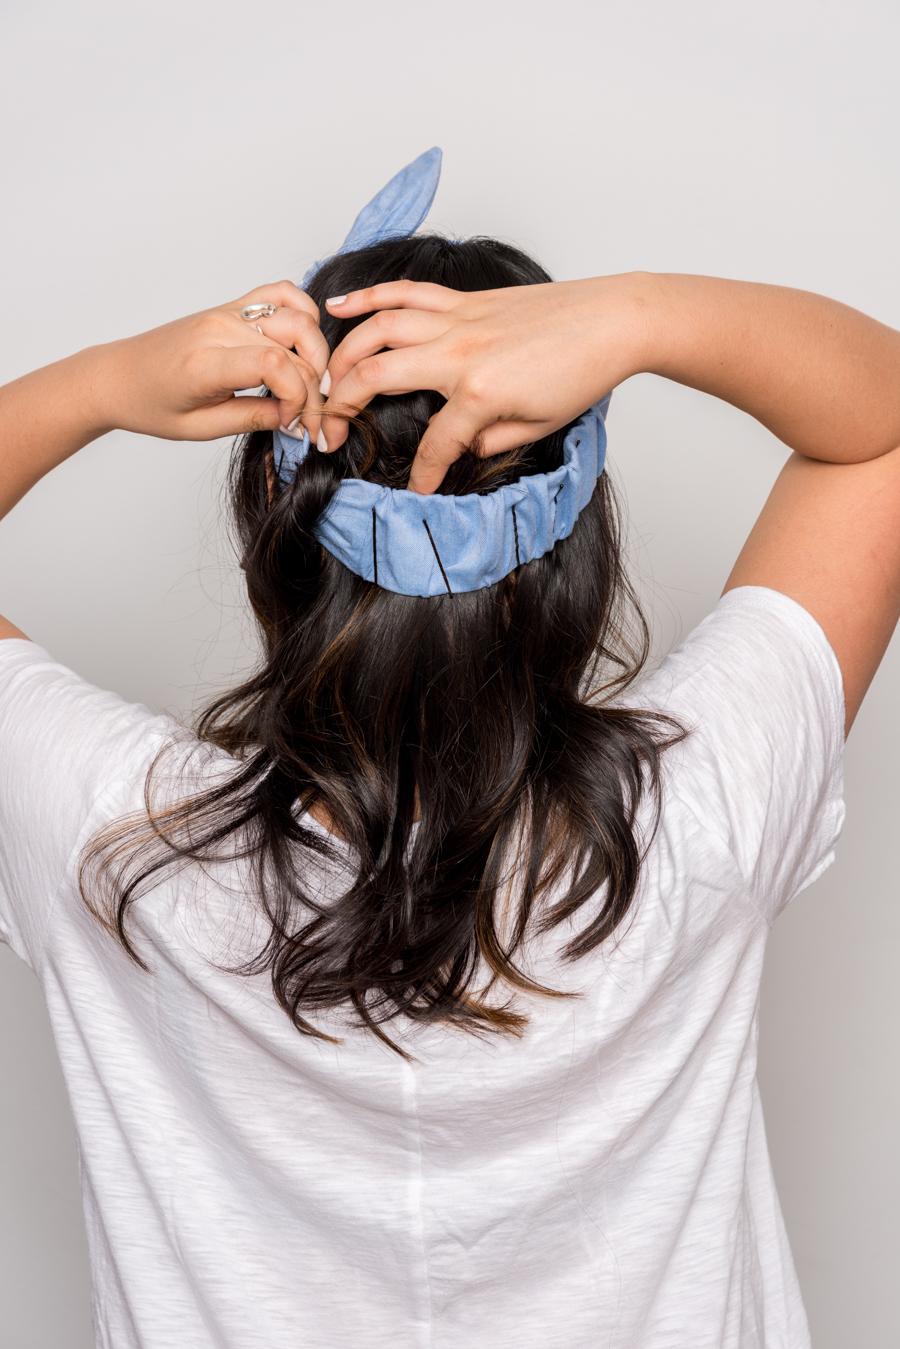 How To Do An Easy Headband Updo 夏にオススメの簡単ヘアアレンジ 6